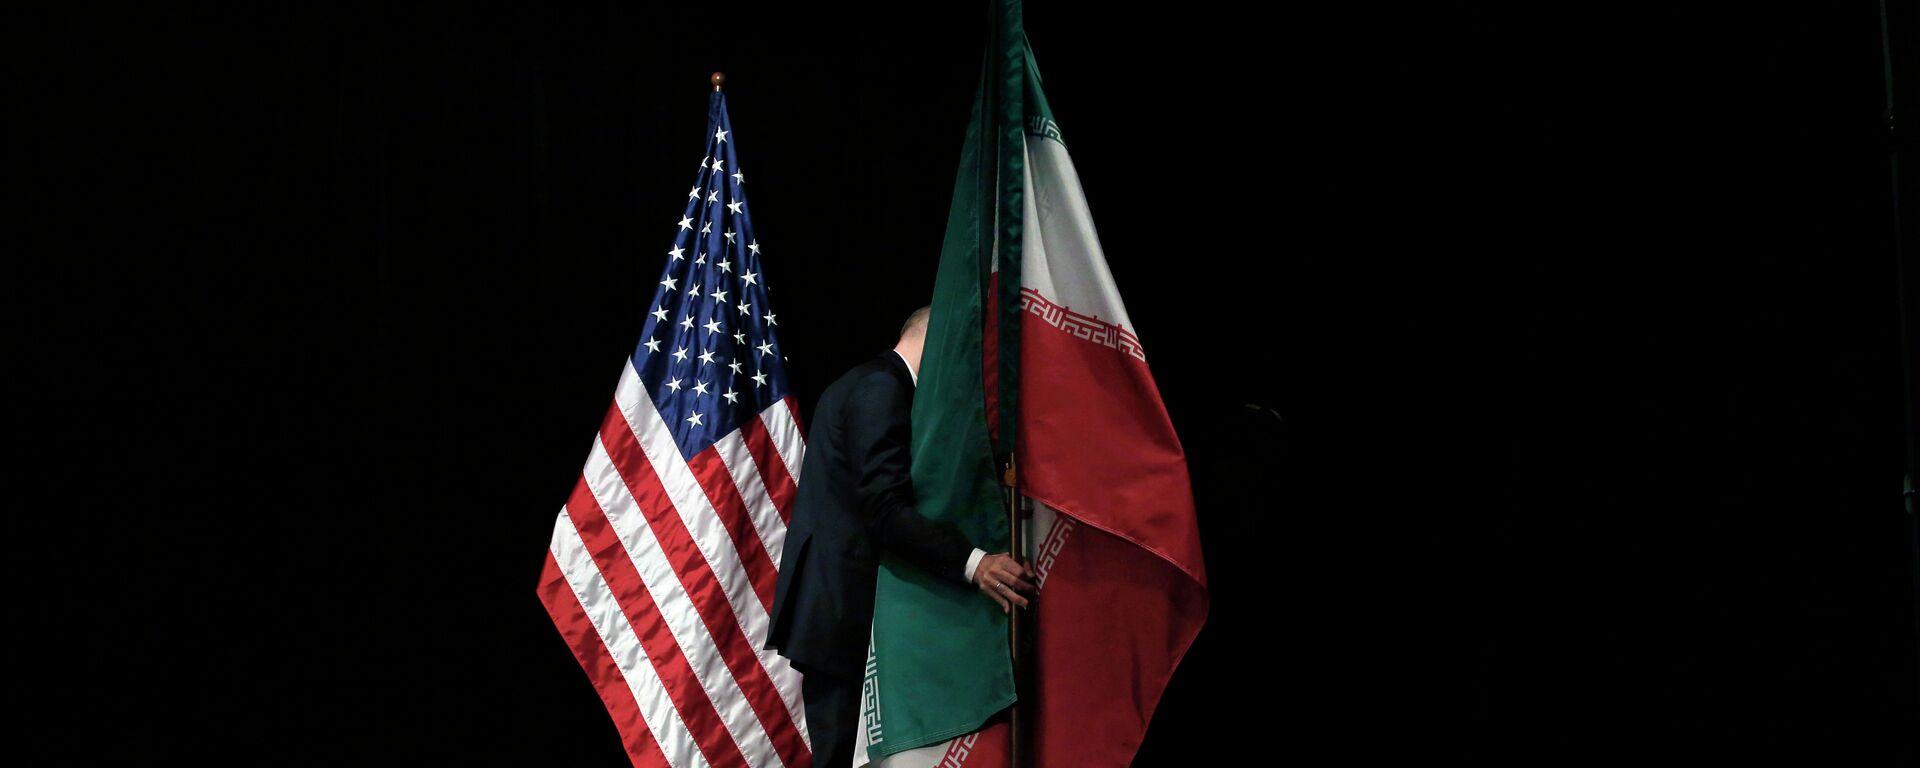 Banderas de EEUU e Irán - Sputnik Mundo, 1920, 18.02.2021